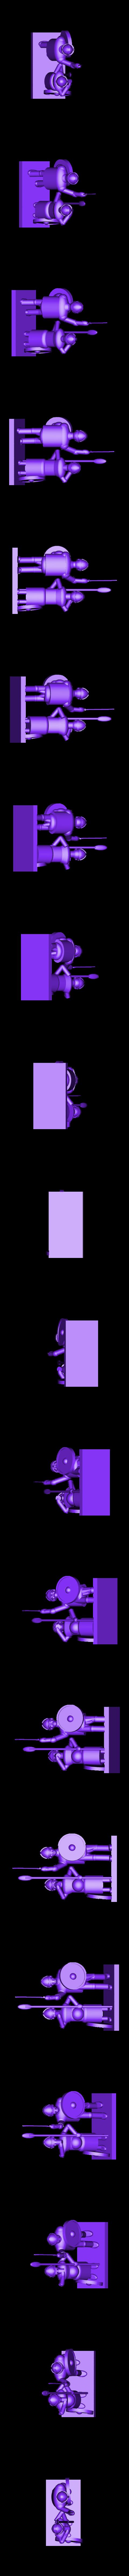 fyrd4_1.stl Télécharger fichier STL gratuit Le Doughty Saxon Fyrd • Modèle à imprimer en 3D, Earsling